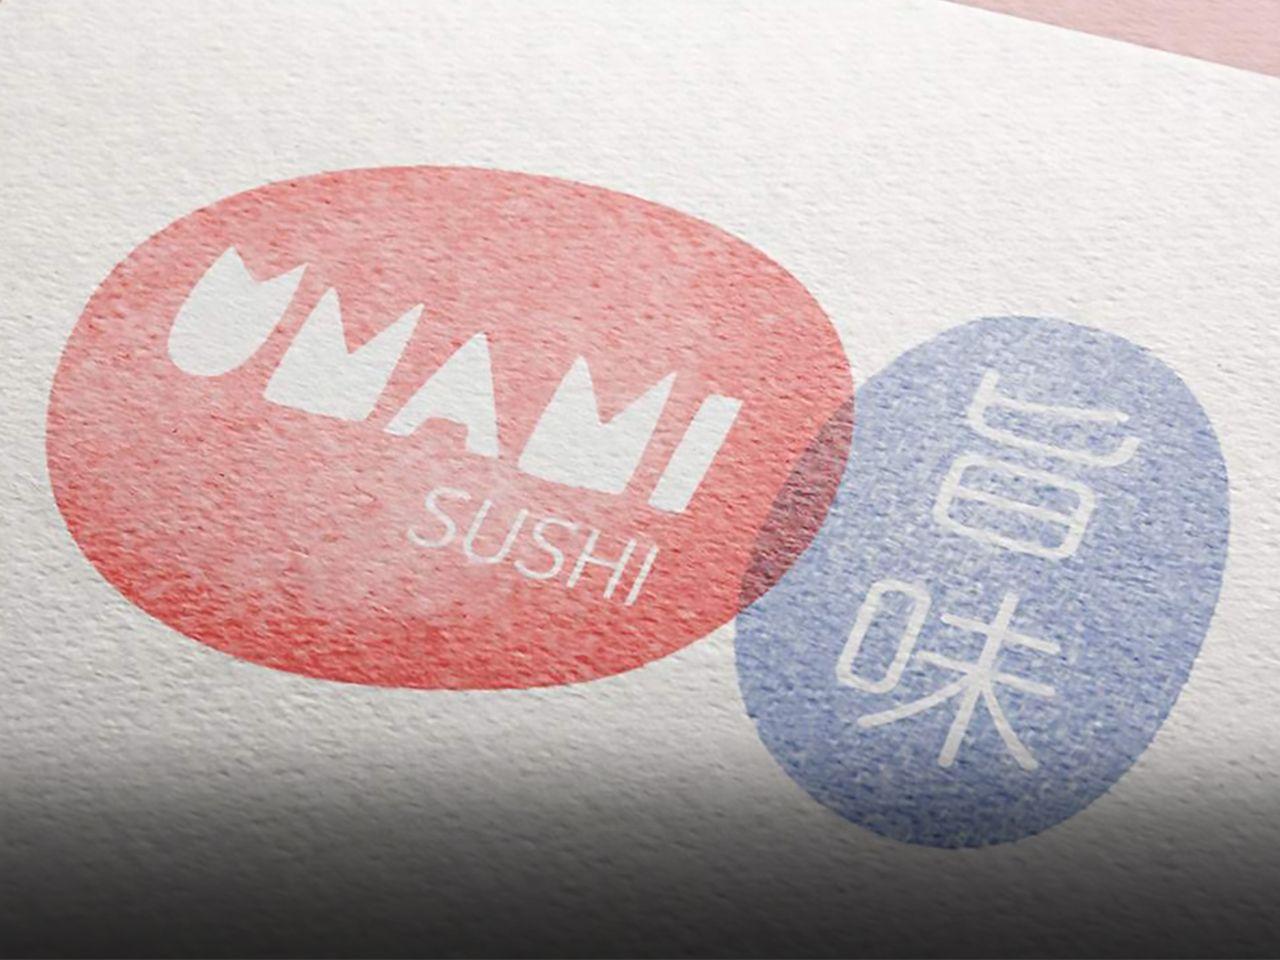 Umami_02